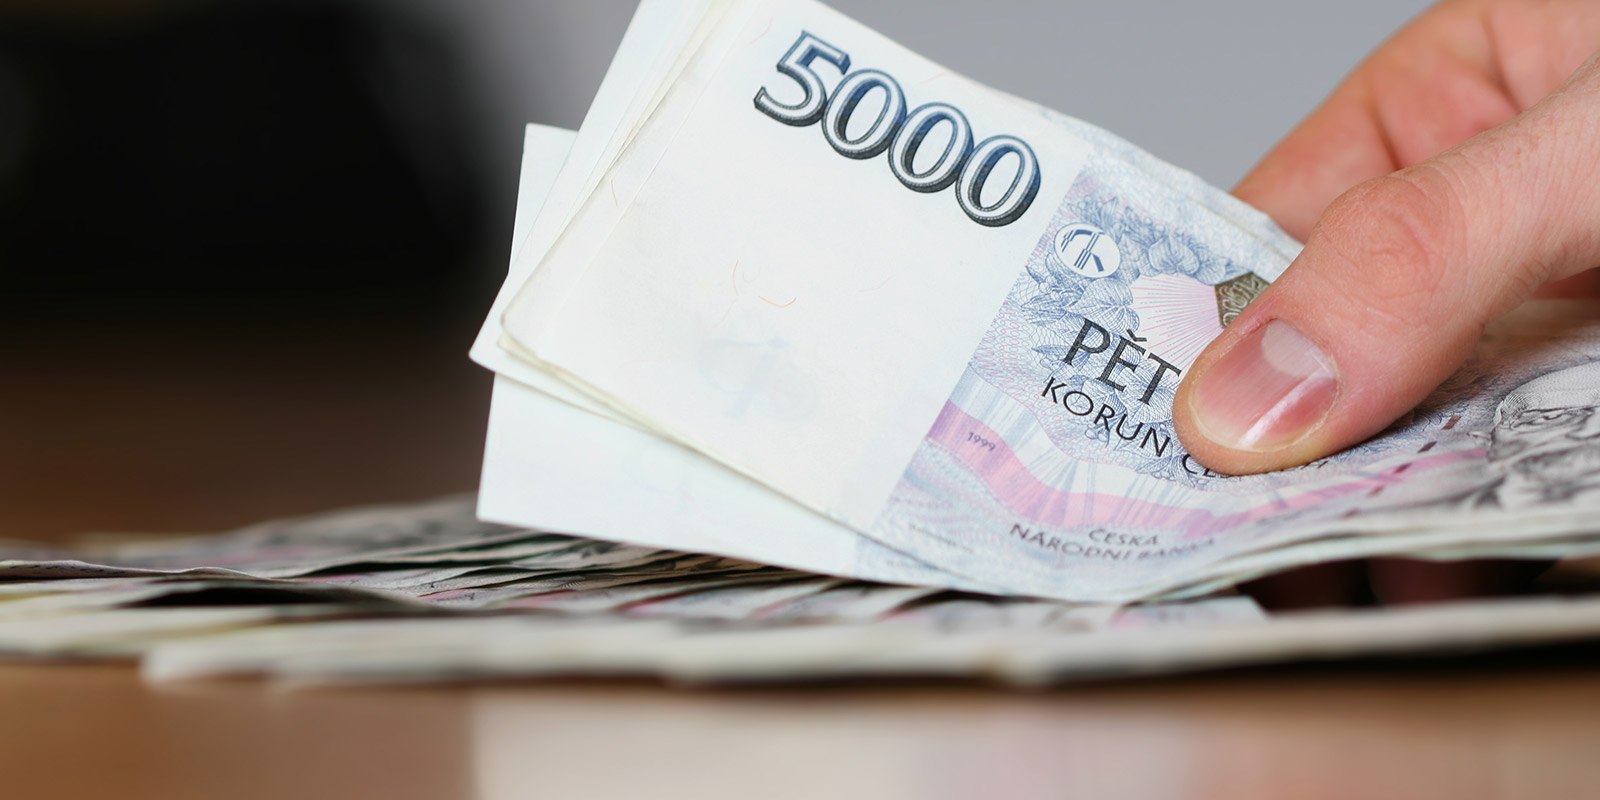 Vše co potřebujete vědět o odkladu splátek půjček a hypoték. Kde a jak žádat?